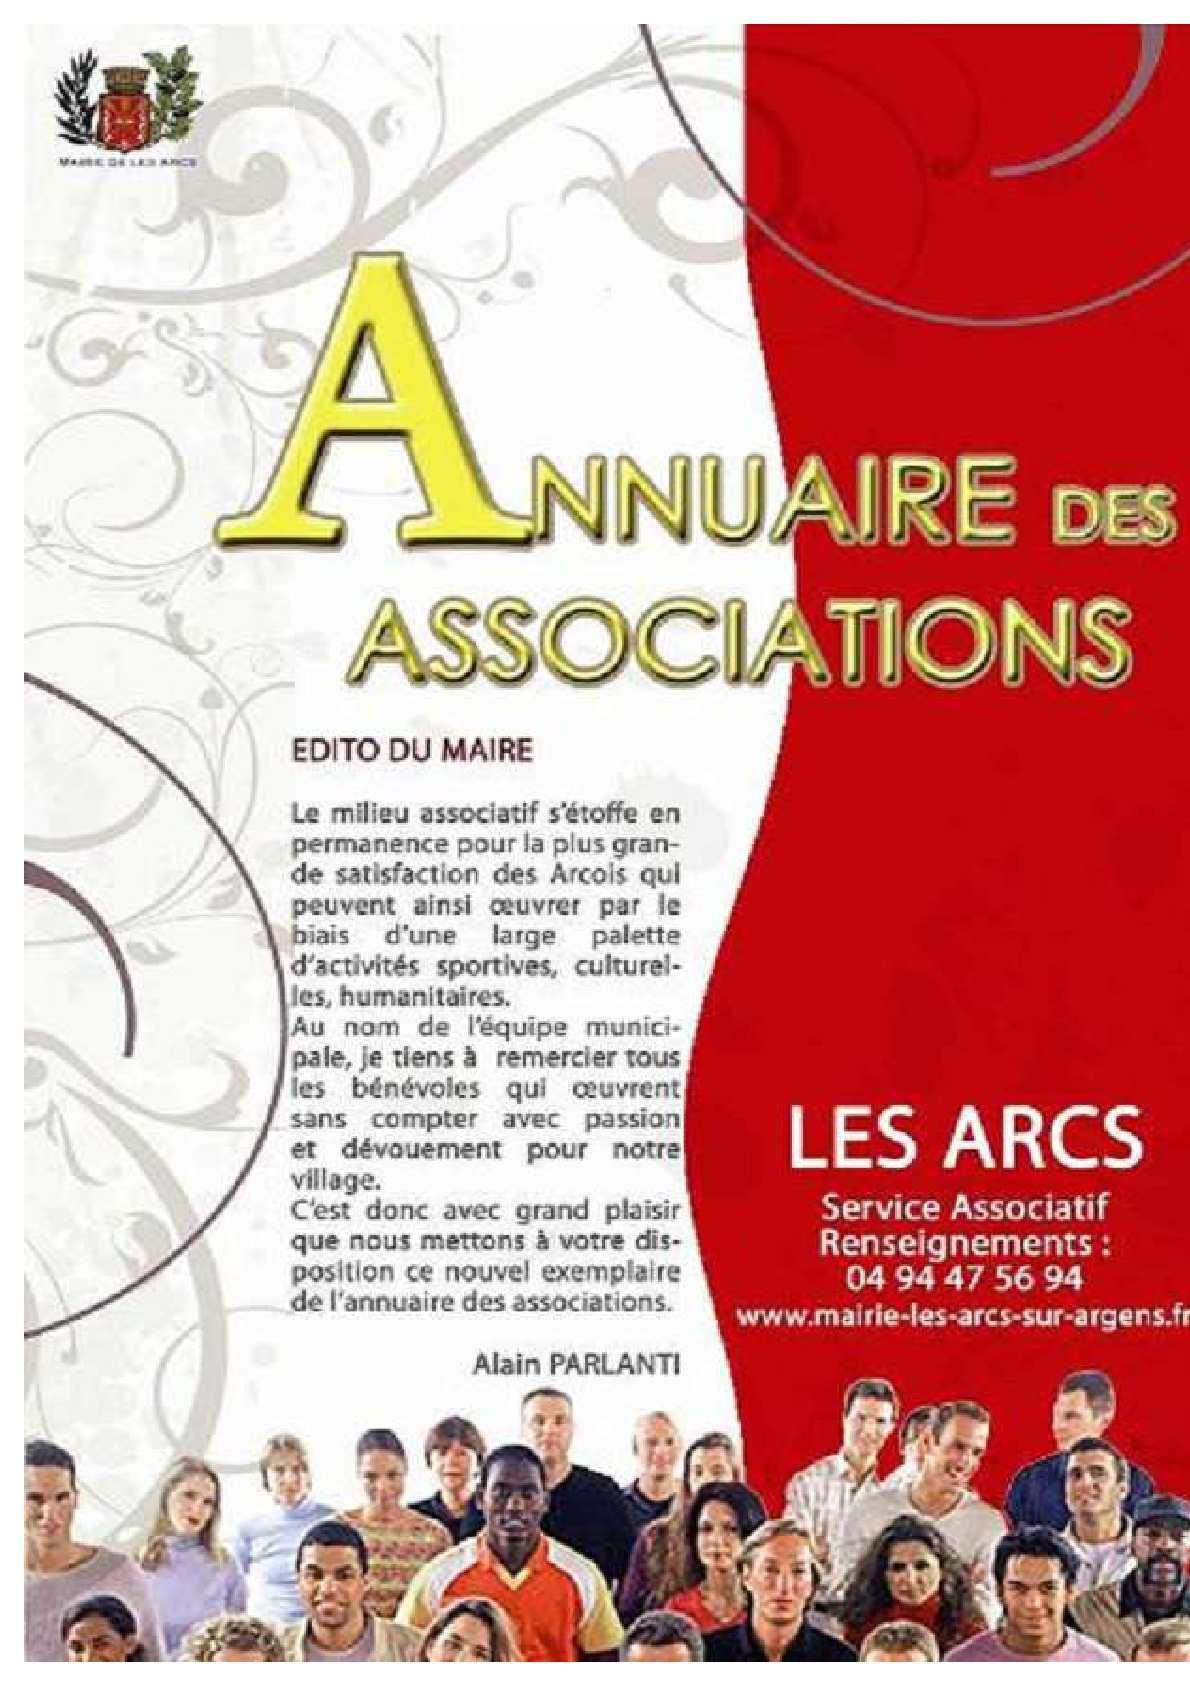 annuaire des associations 2010